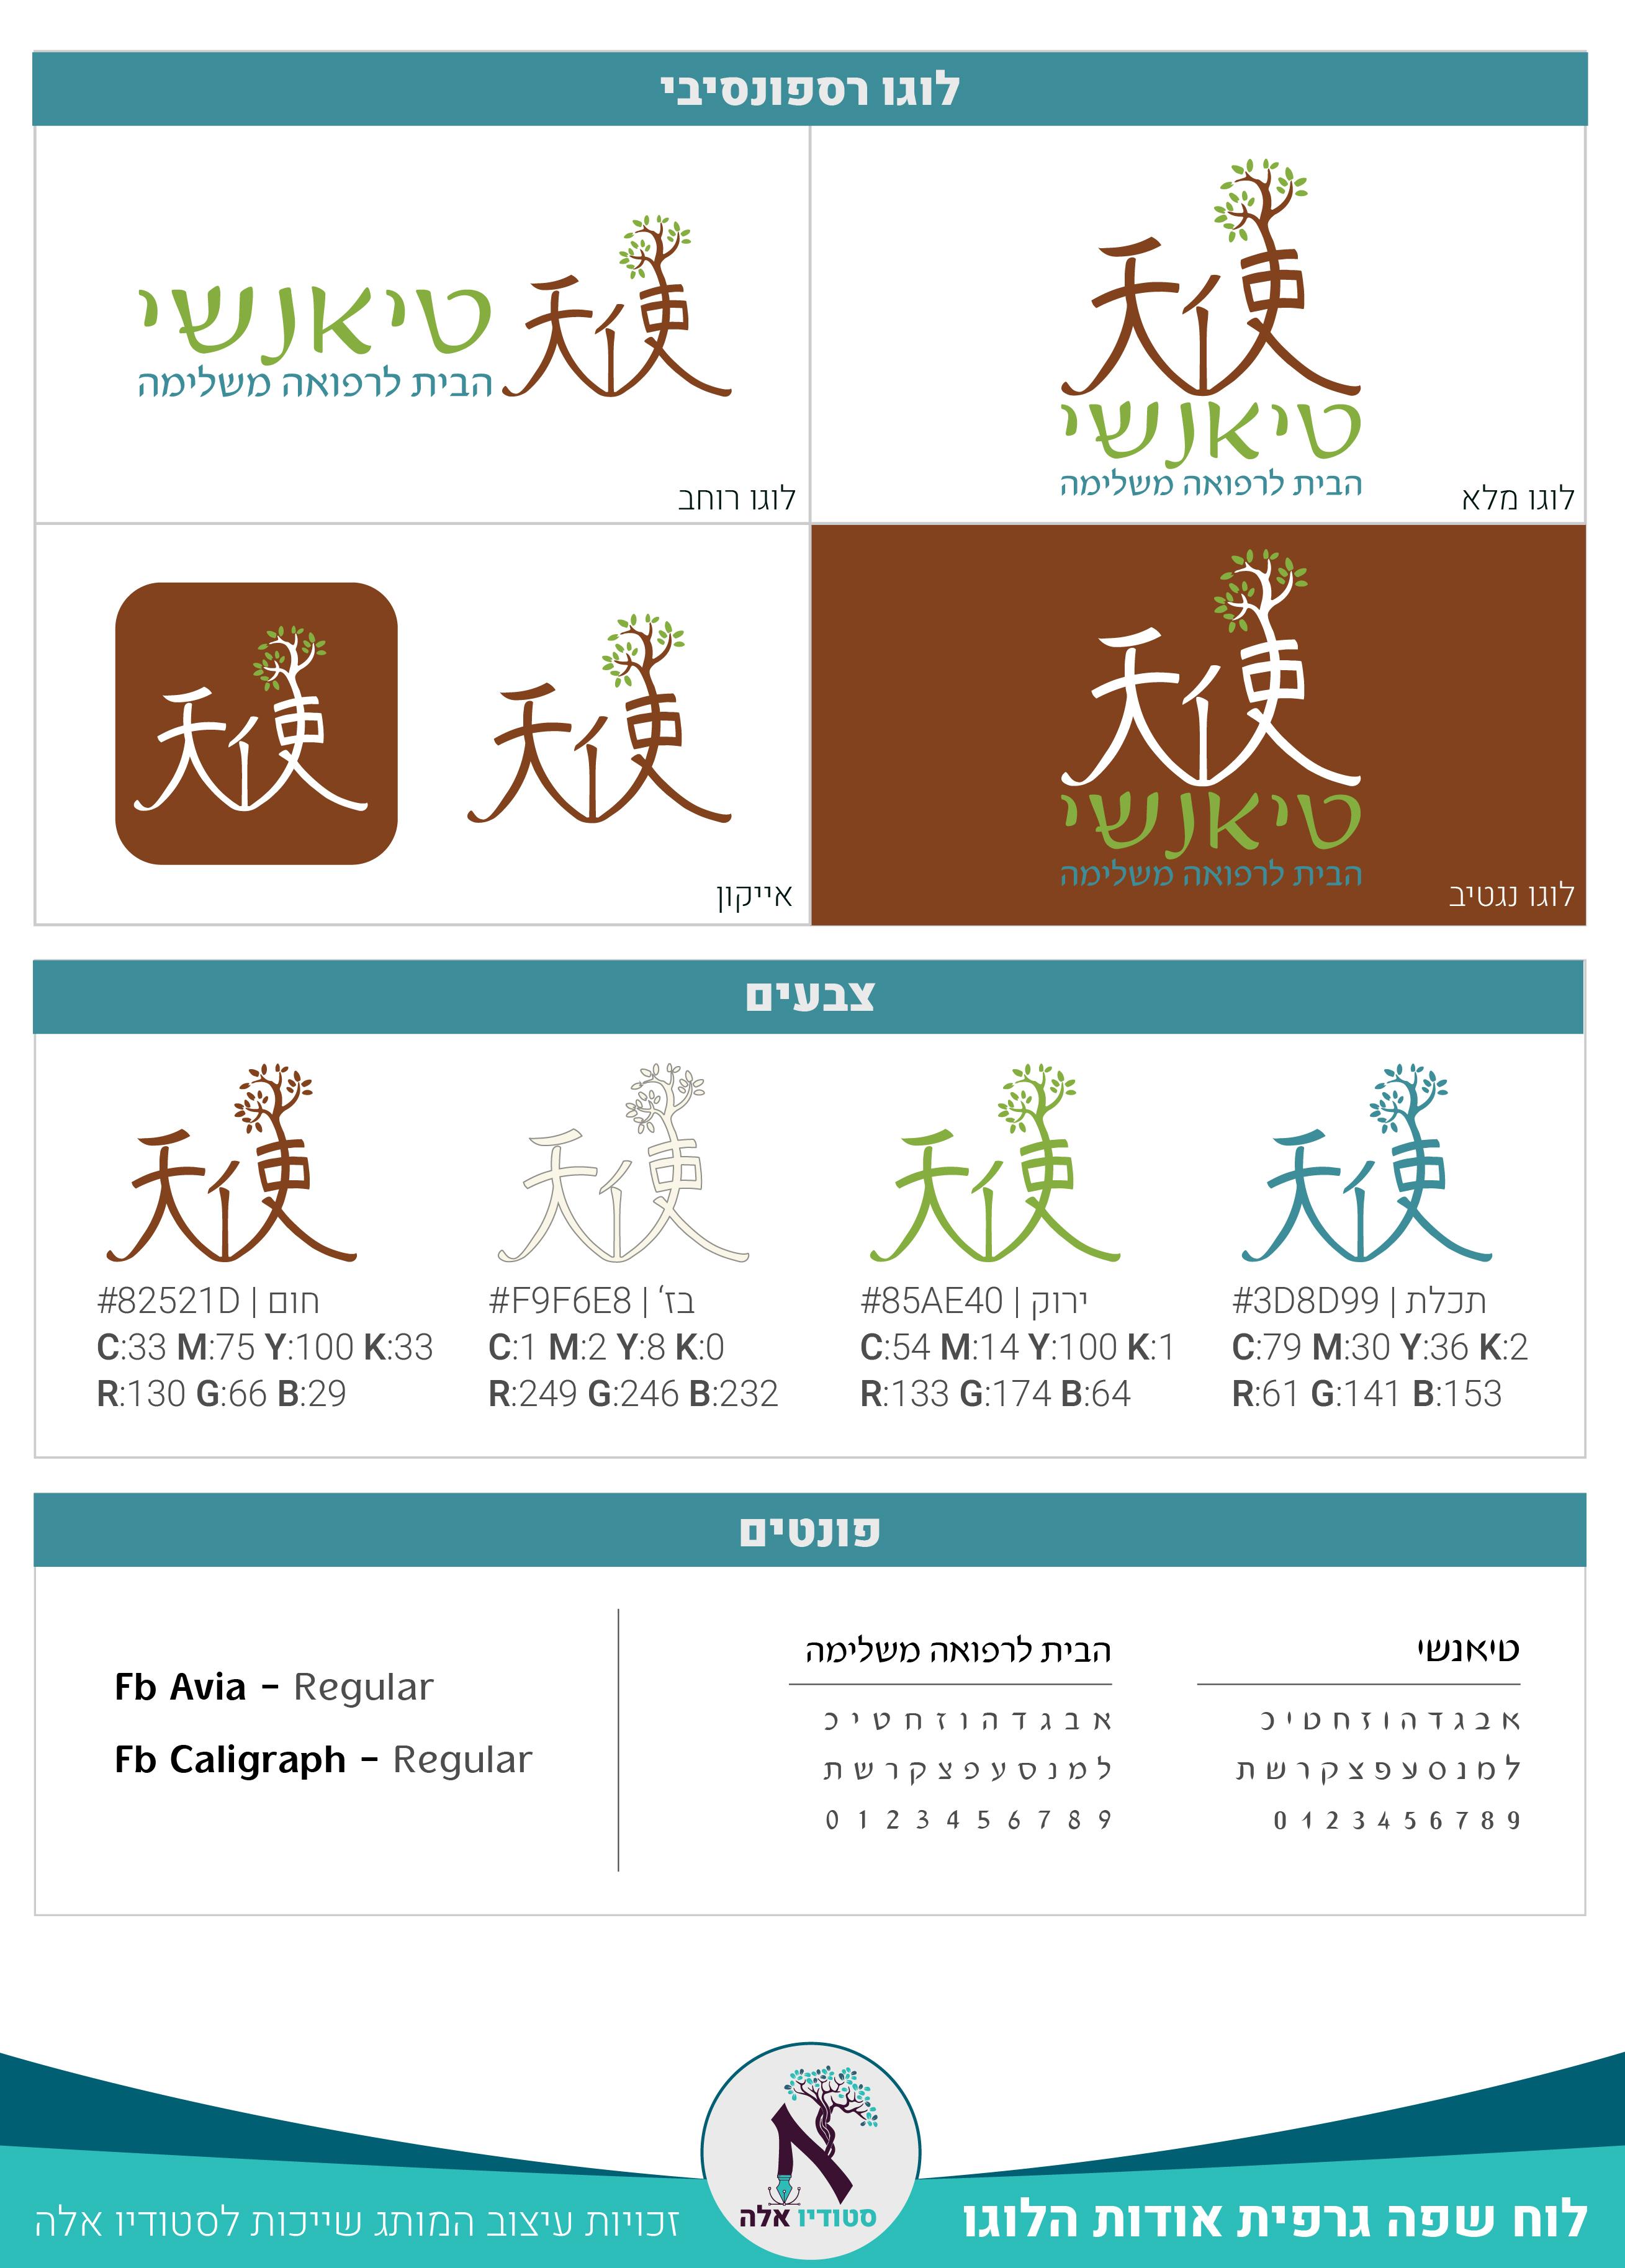 לוח שפה גרפי - מותג טיאנשי